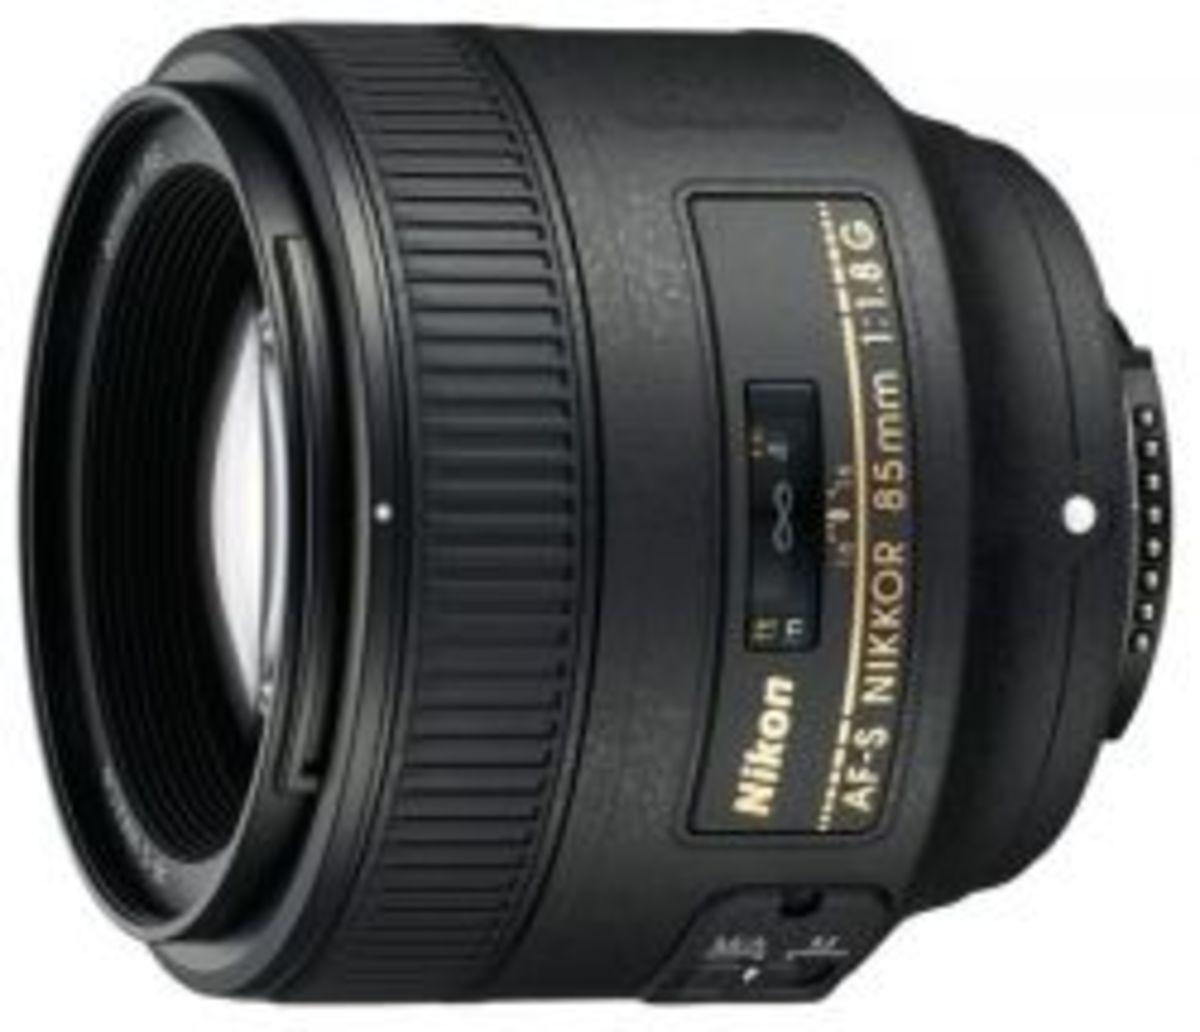 Best prime lens for Nikon cameras reviewed